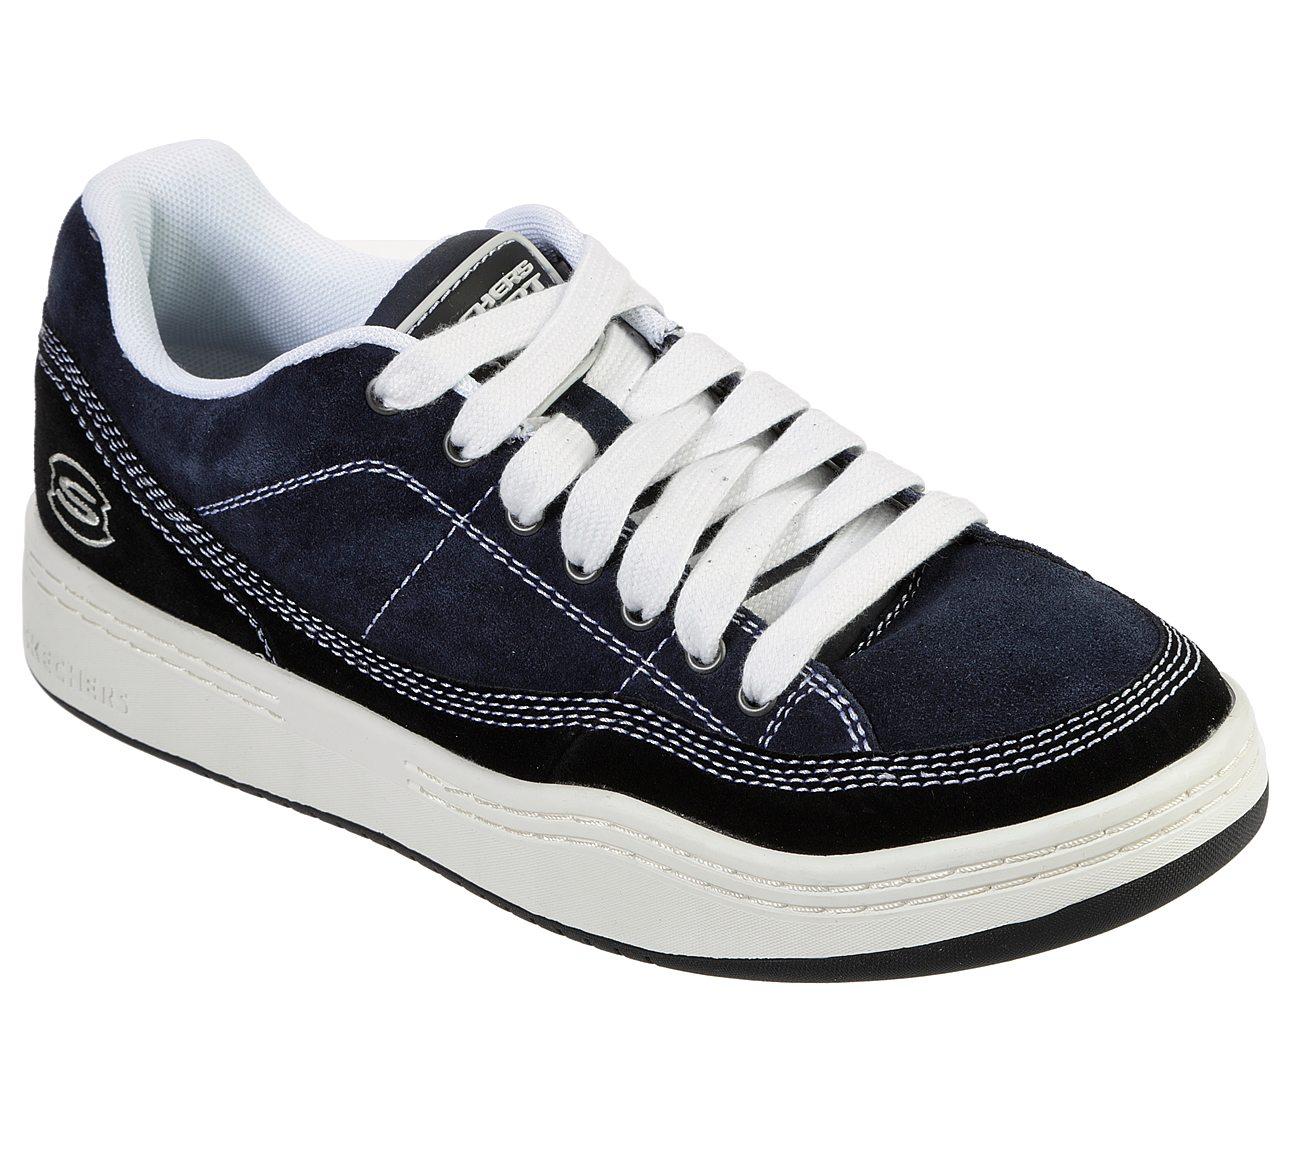 Abolido espacio va a decidir  Buy SKECHERS Klone - Cronie Heritage Shoes